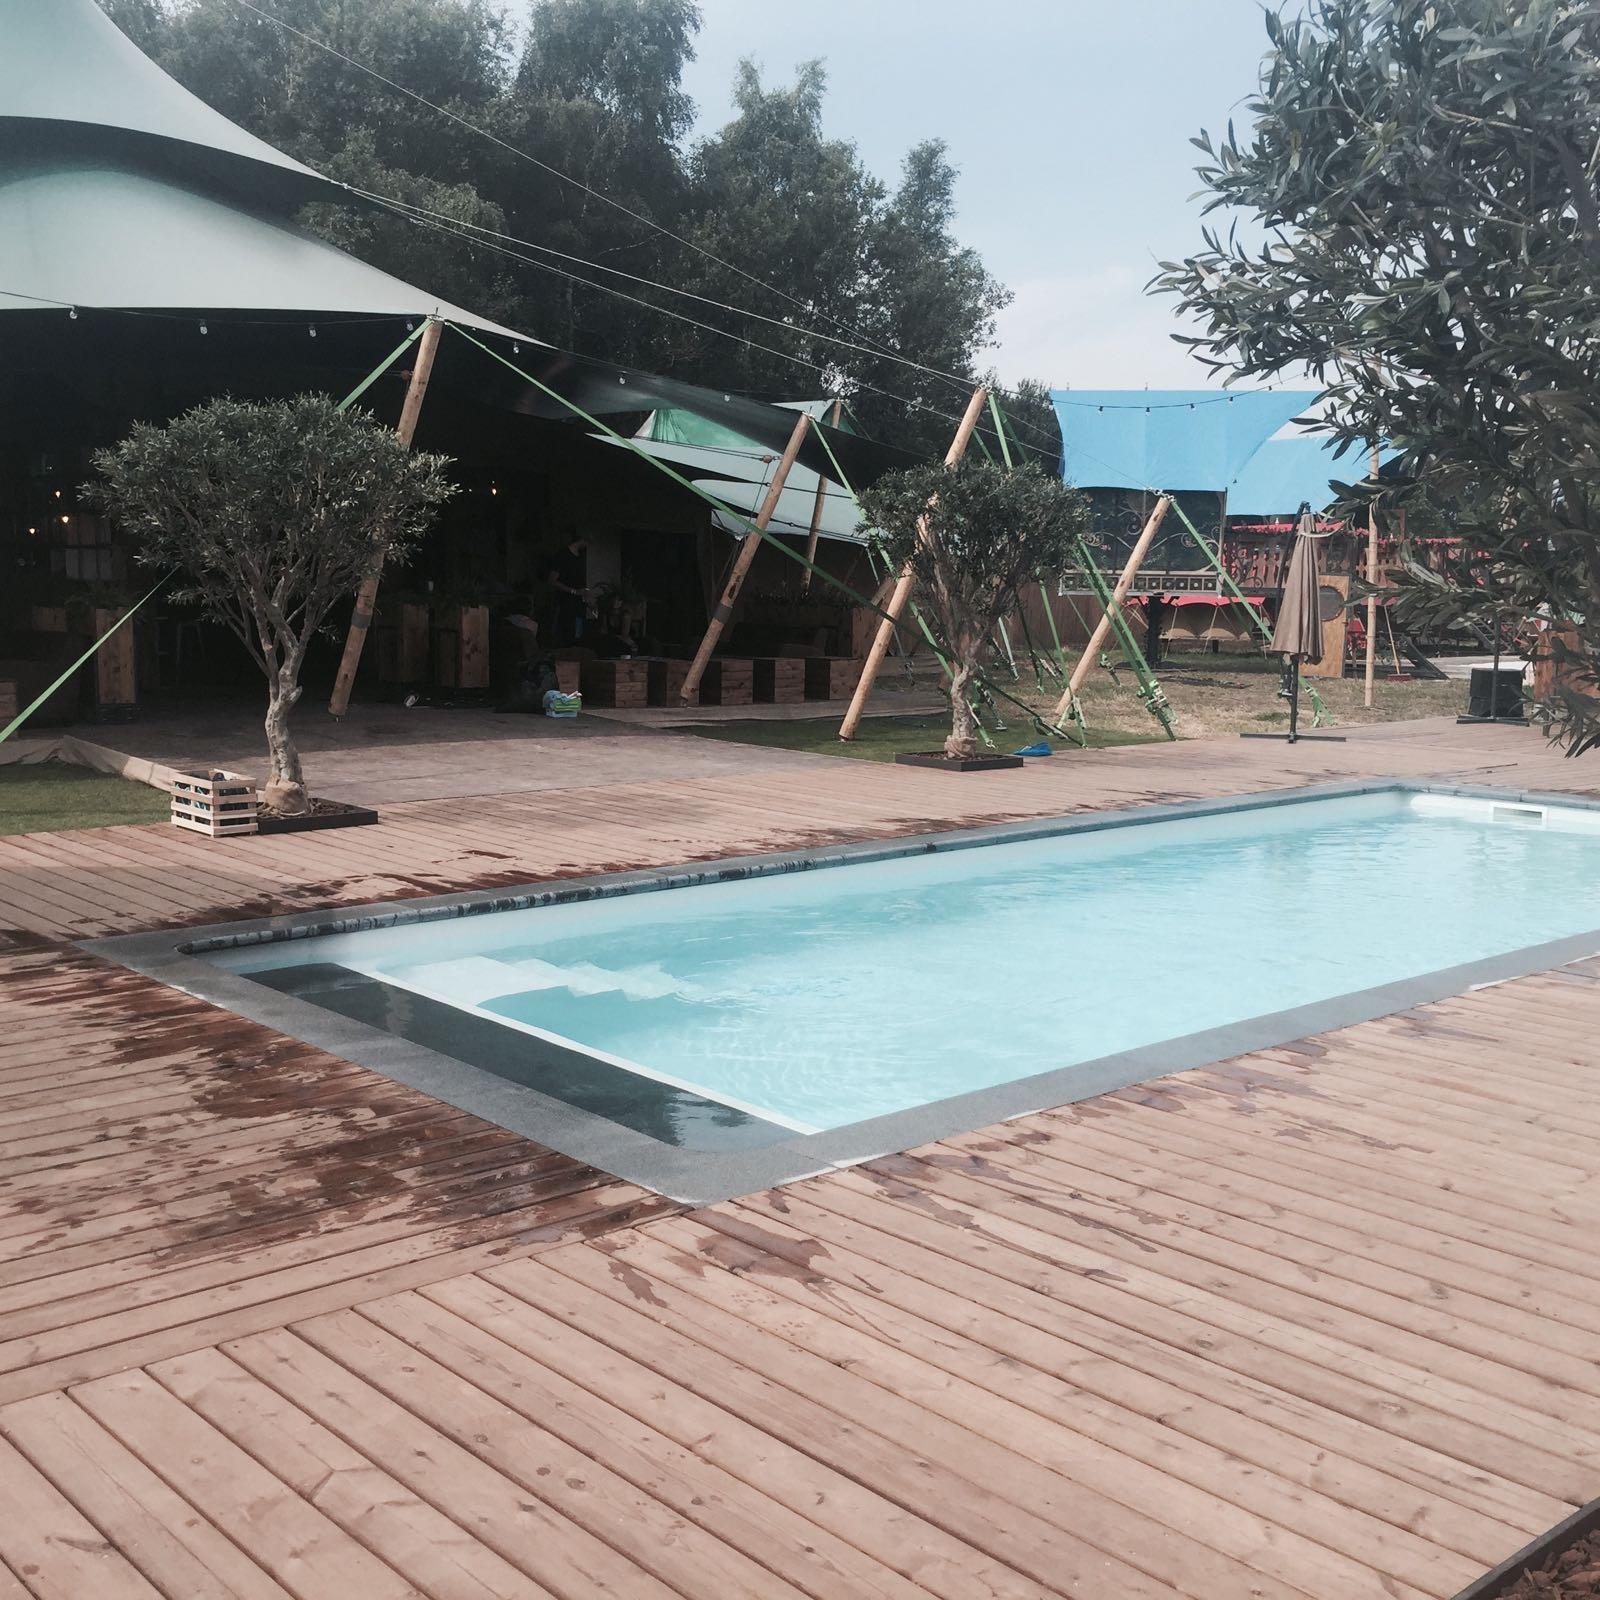 Dc piscines fabricant belge de coques polyester garanties for Fabricant piscine polyester